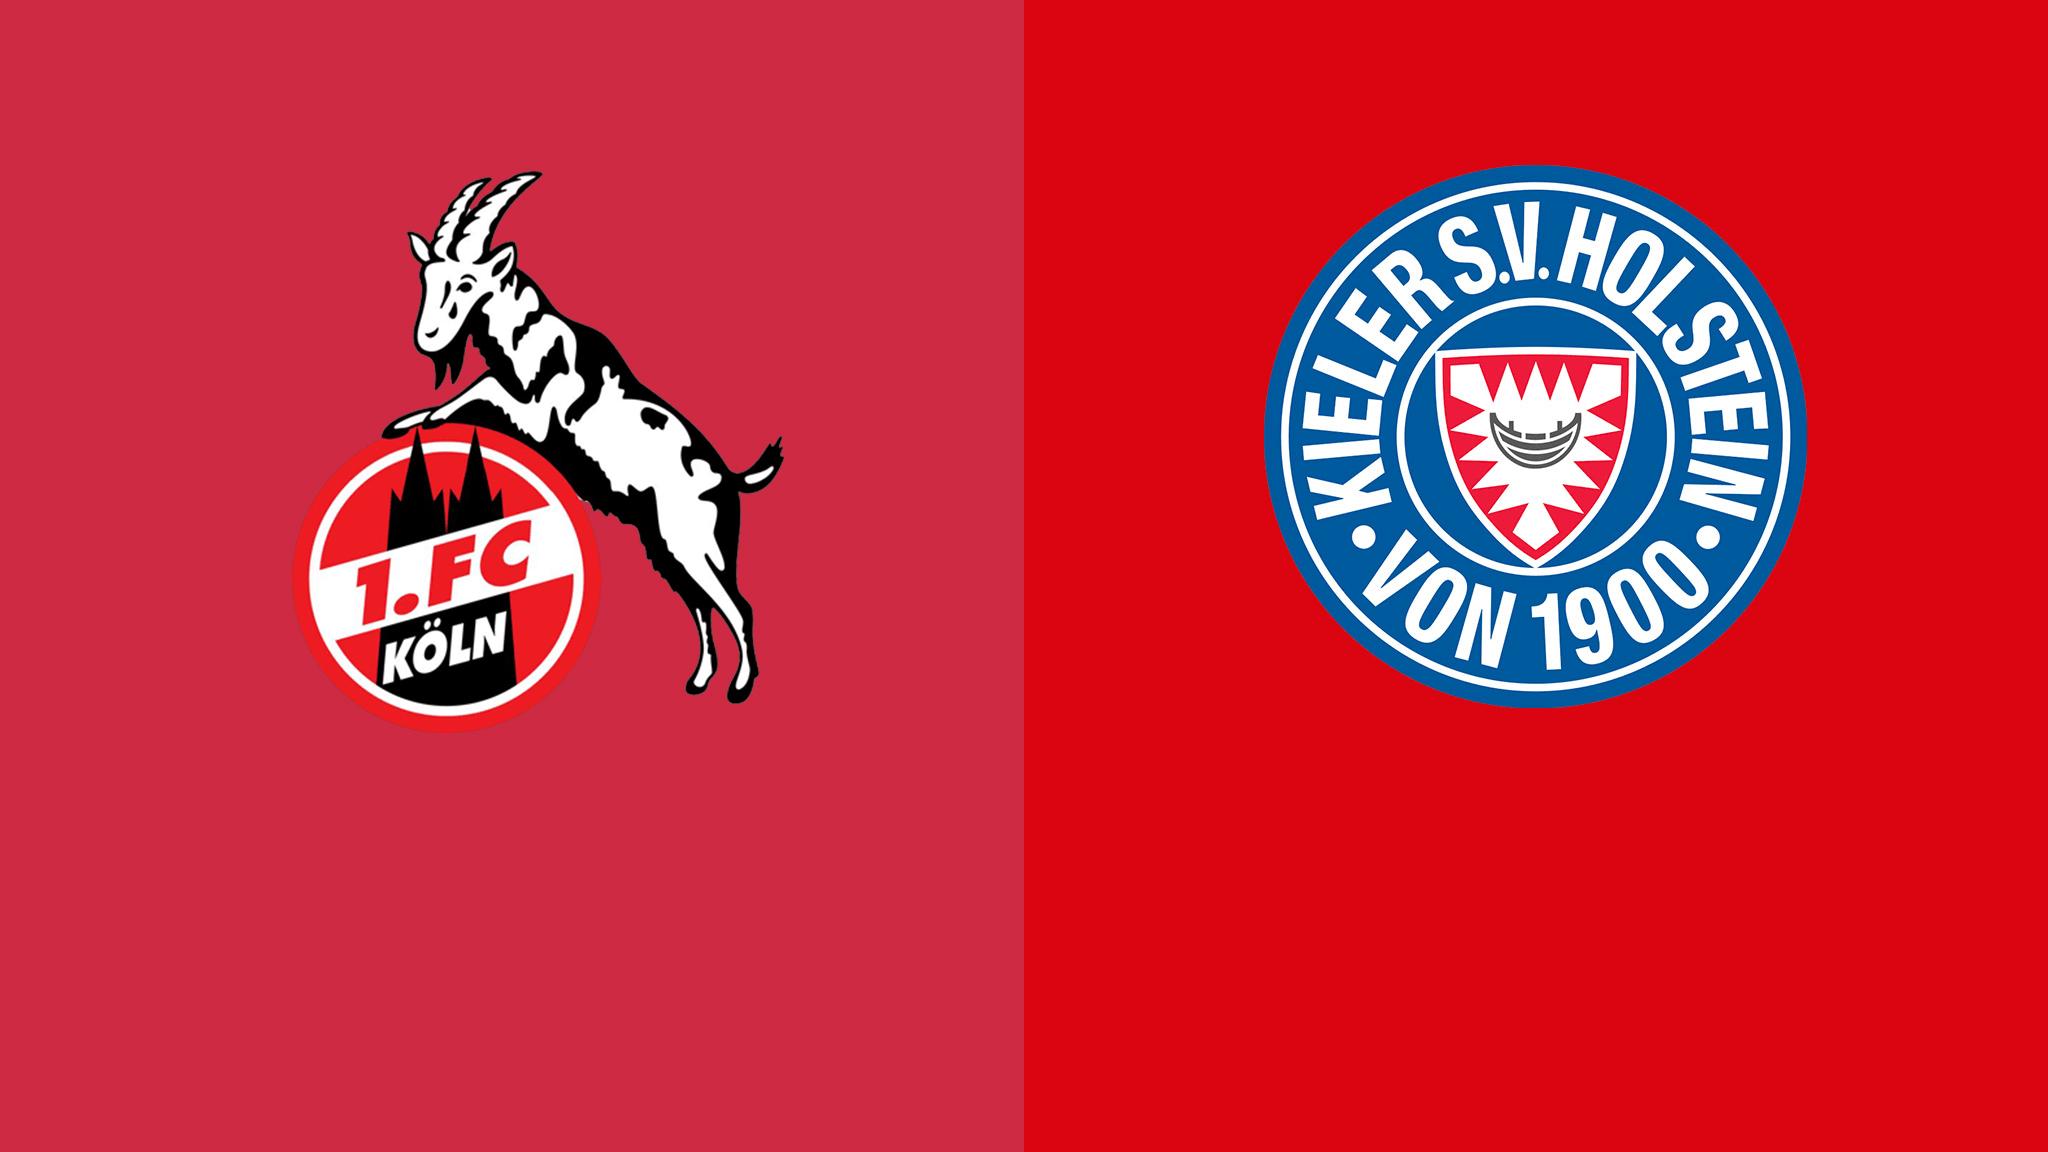 Holstein Kiel Sandhausen